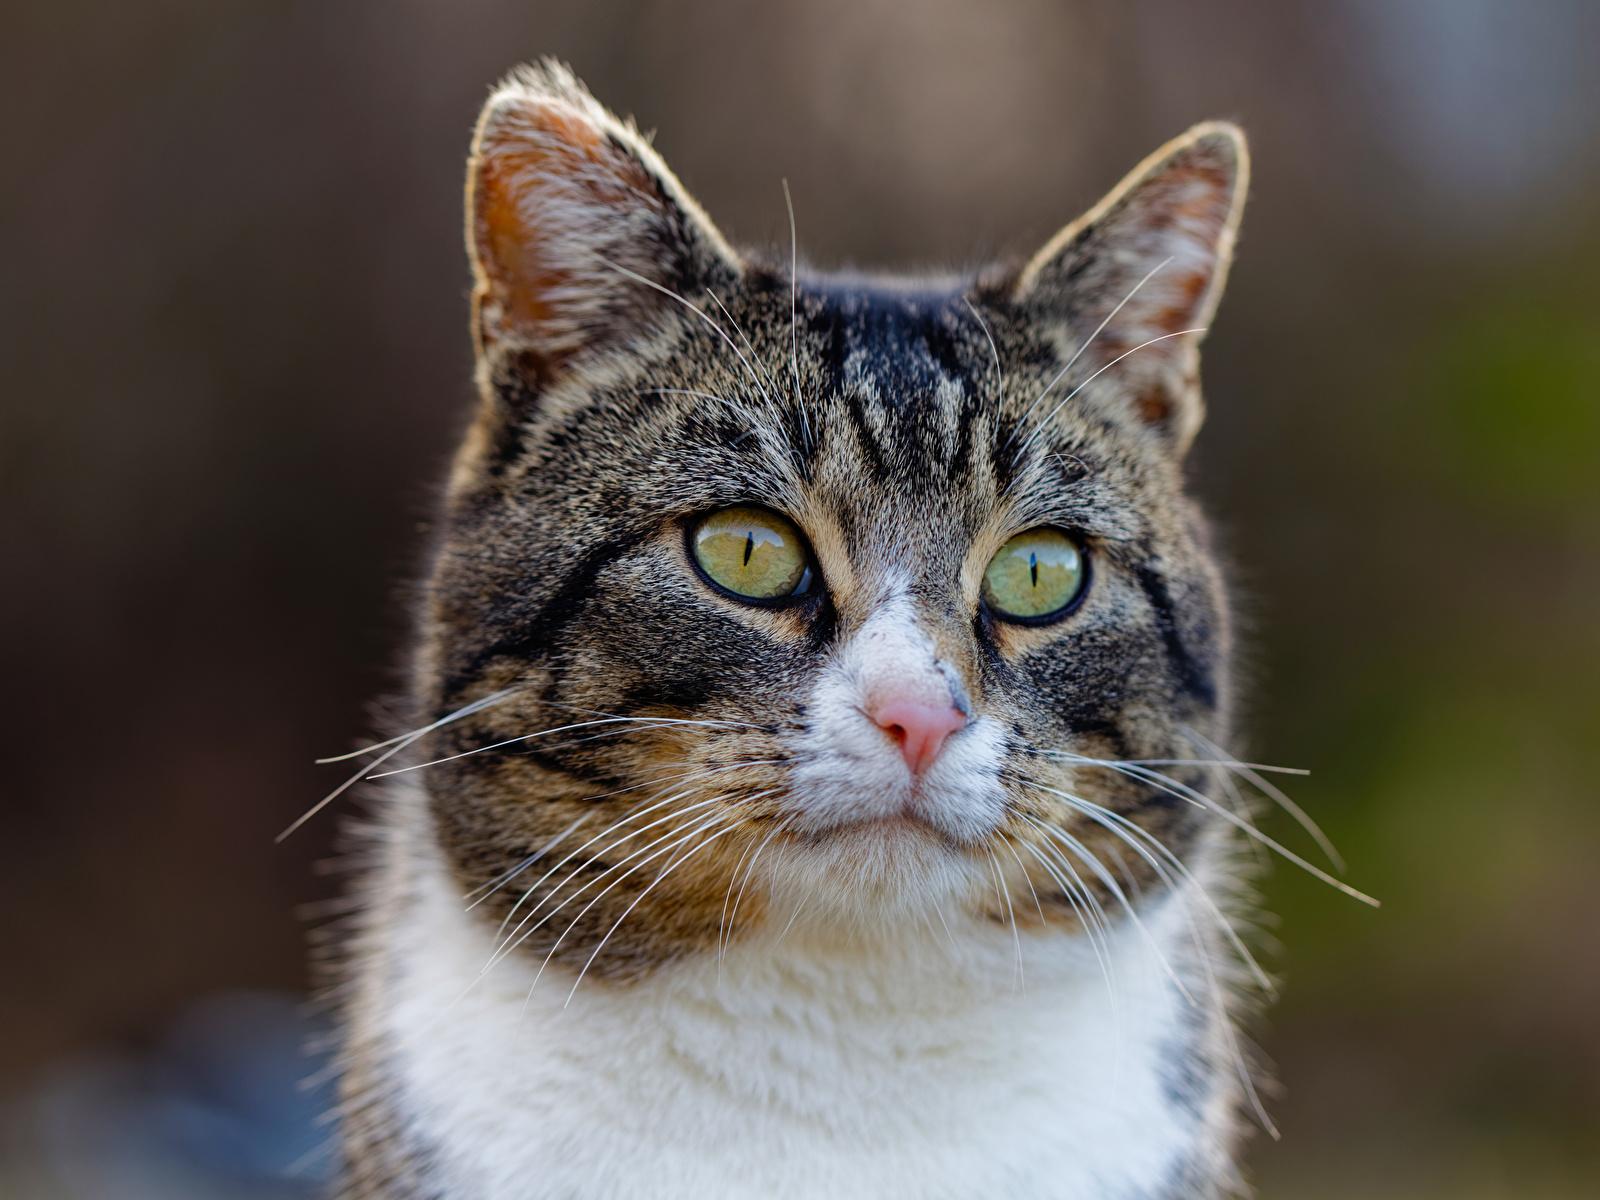 Картинка Кошки боке Усы Вибриссы Морда смотрит животное 1600x1200 кот коты кошка Размытый фон морды Взгляд смотрят Животные